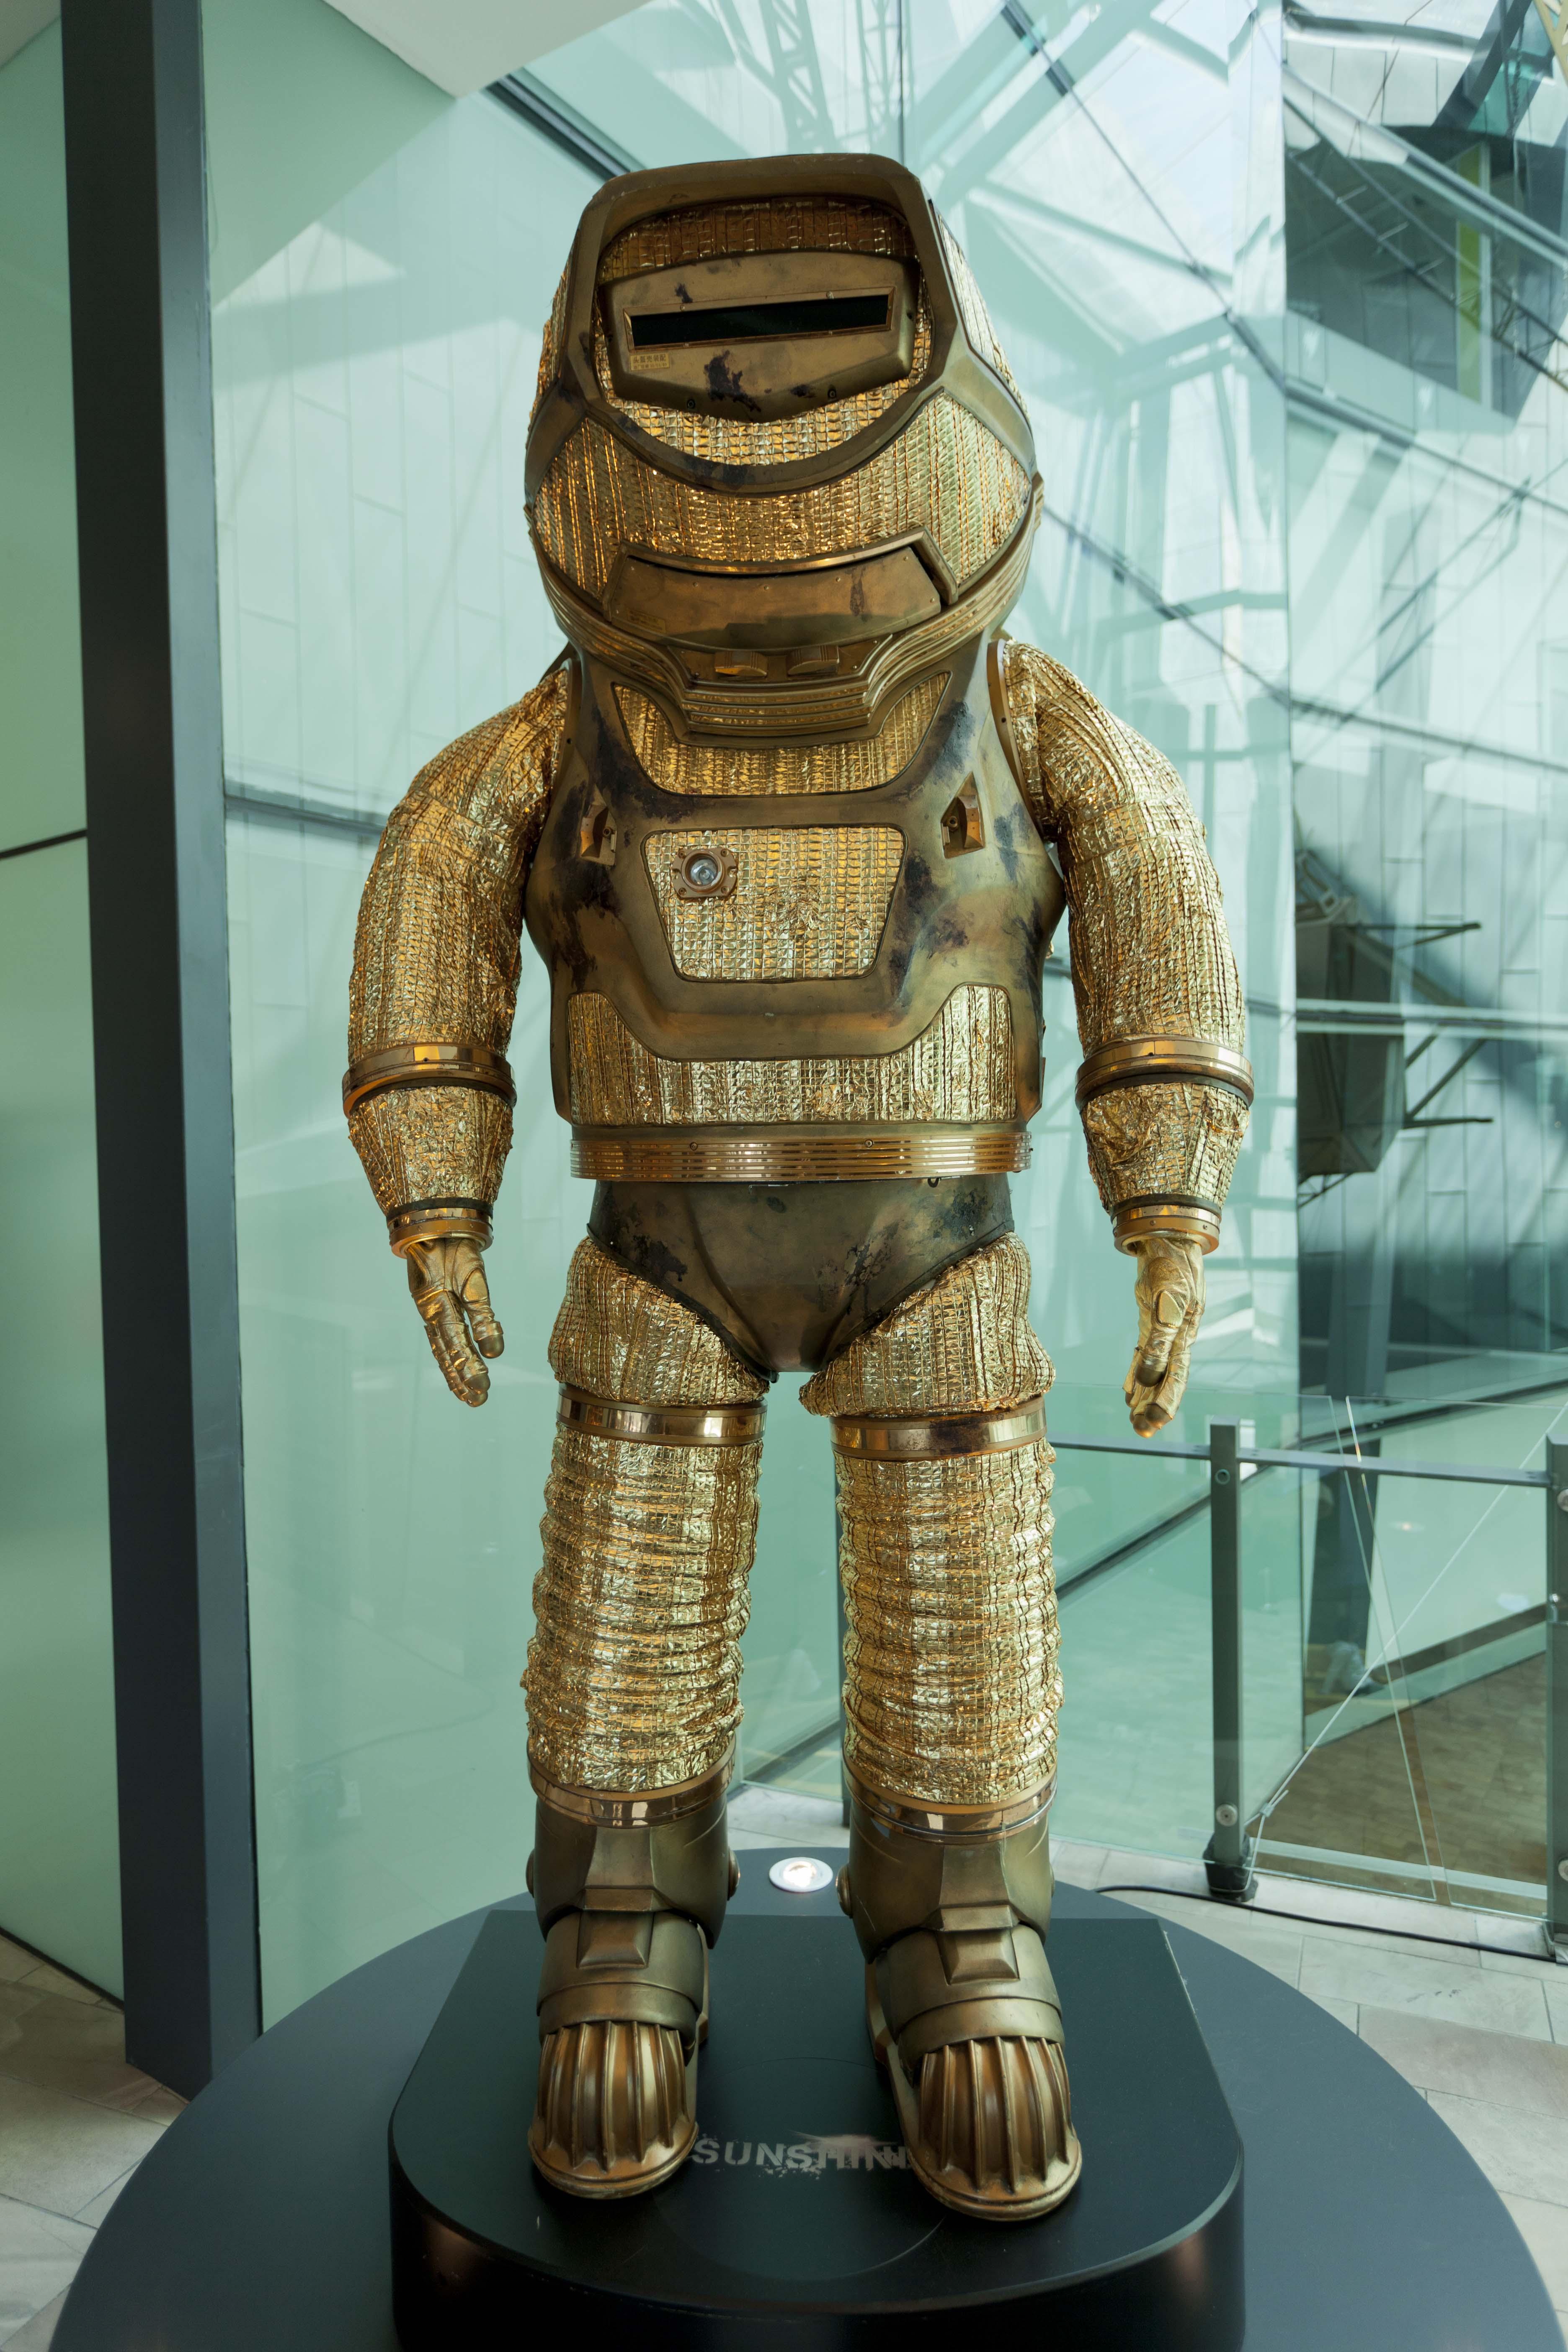 kerbal in space suit - photo #34